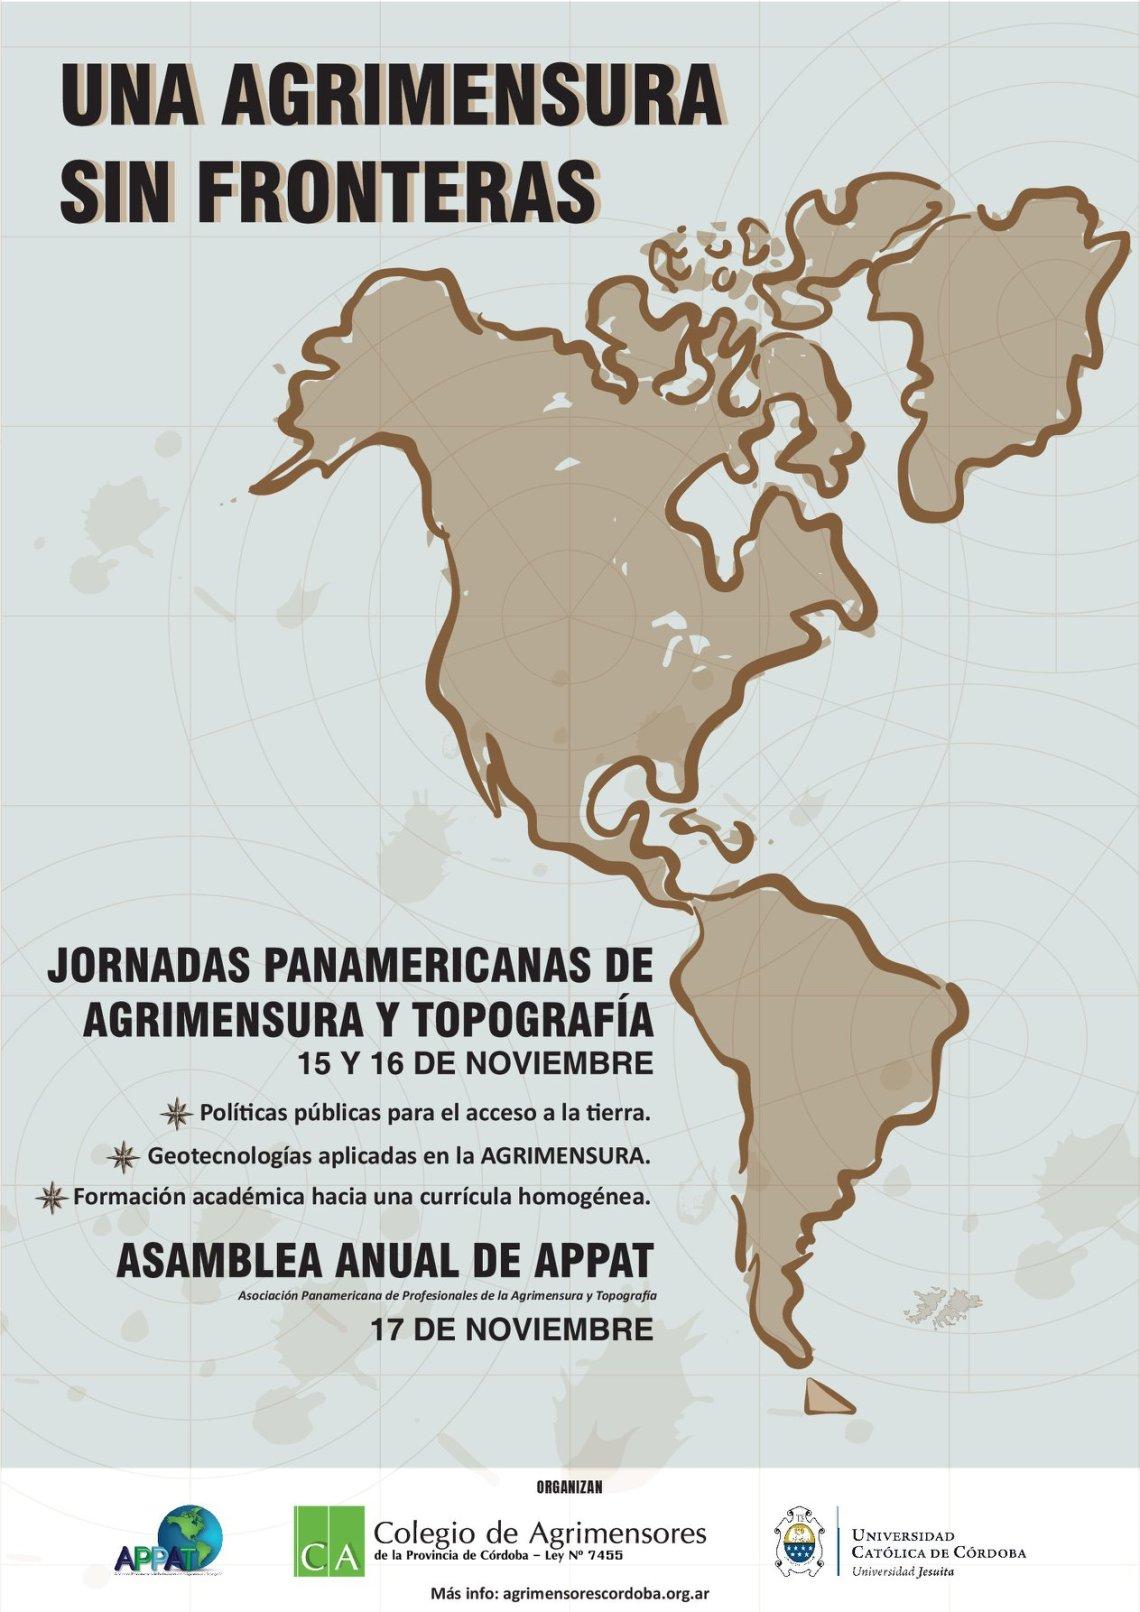 JORNADAS PANAMERICANAS DE AGRIMENSURA Y TOPOGRAFIA. 15 Y 16 DE NOVIEMBRE. ASAMBLEA ANUAL DE APPAT. 17 DE NOVIEMBRE.